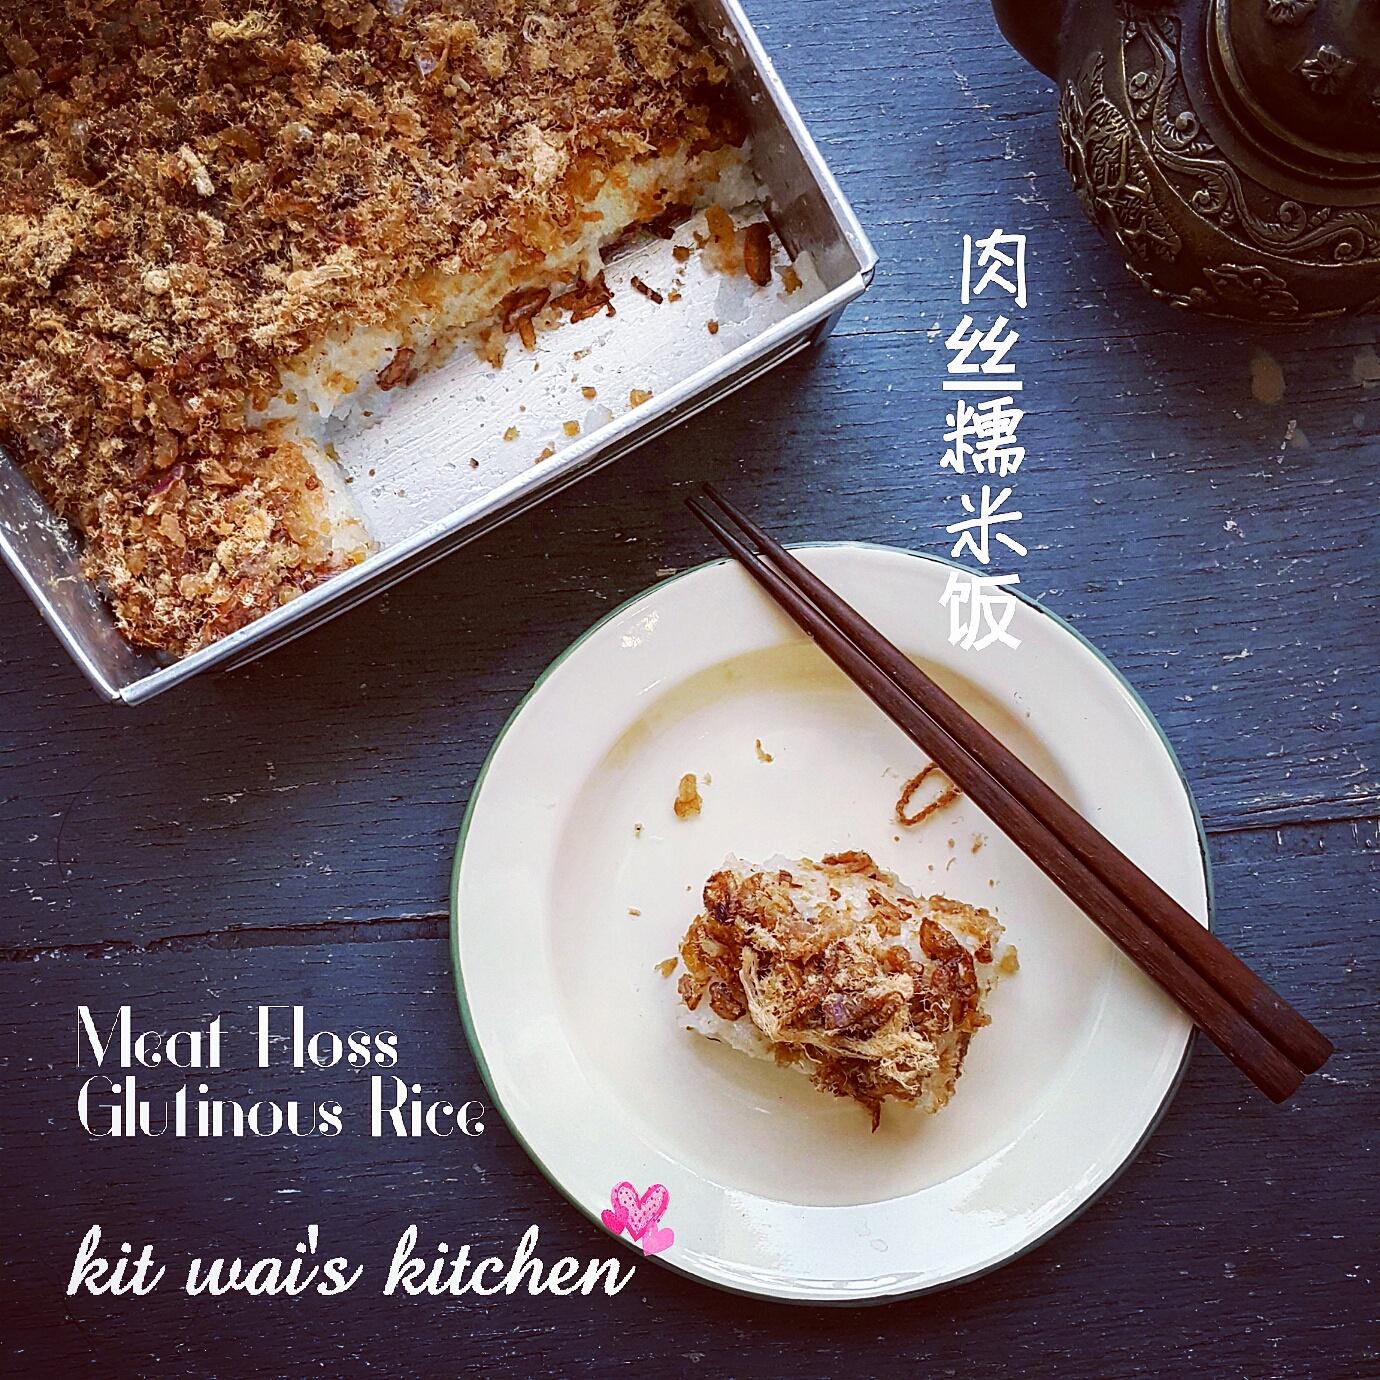 Kit Wai's Kitchen : 肉丝糯米饭